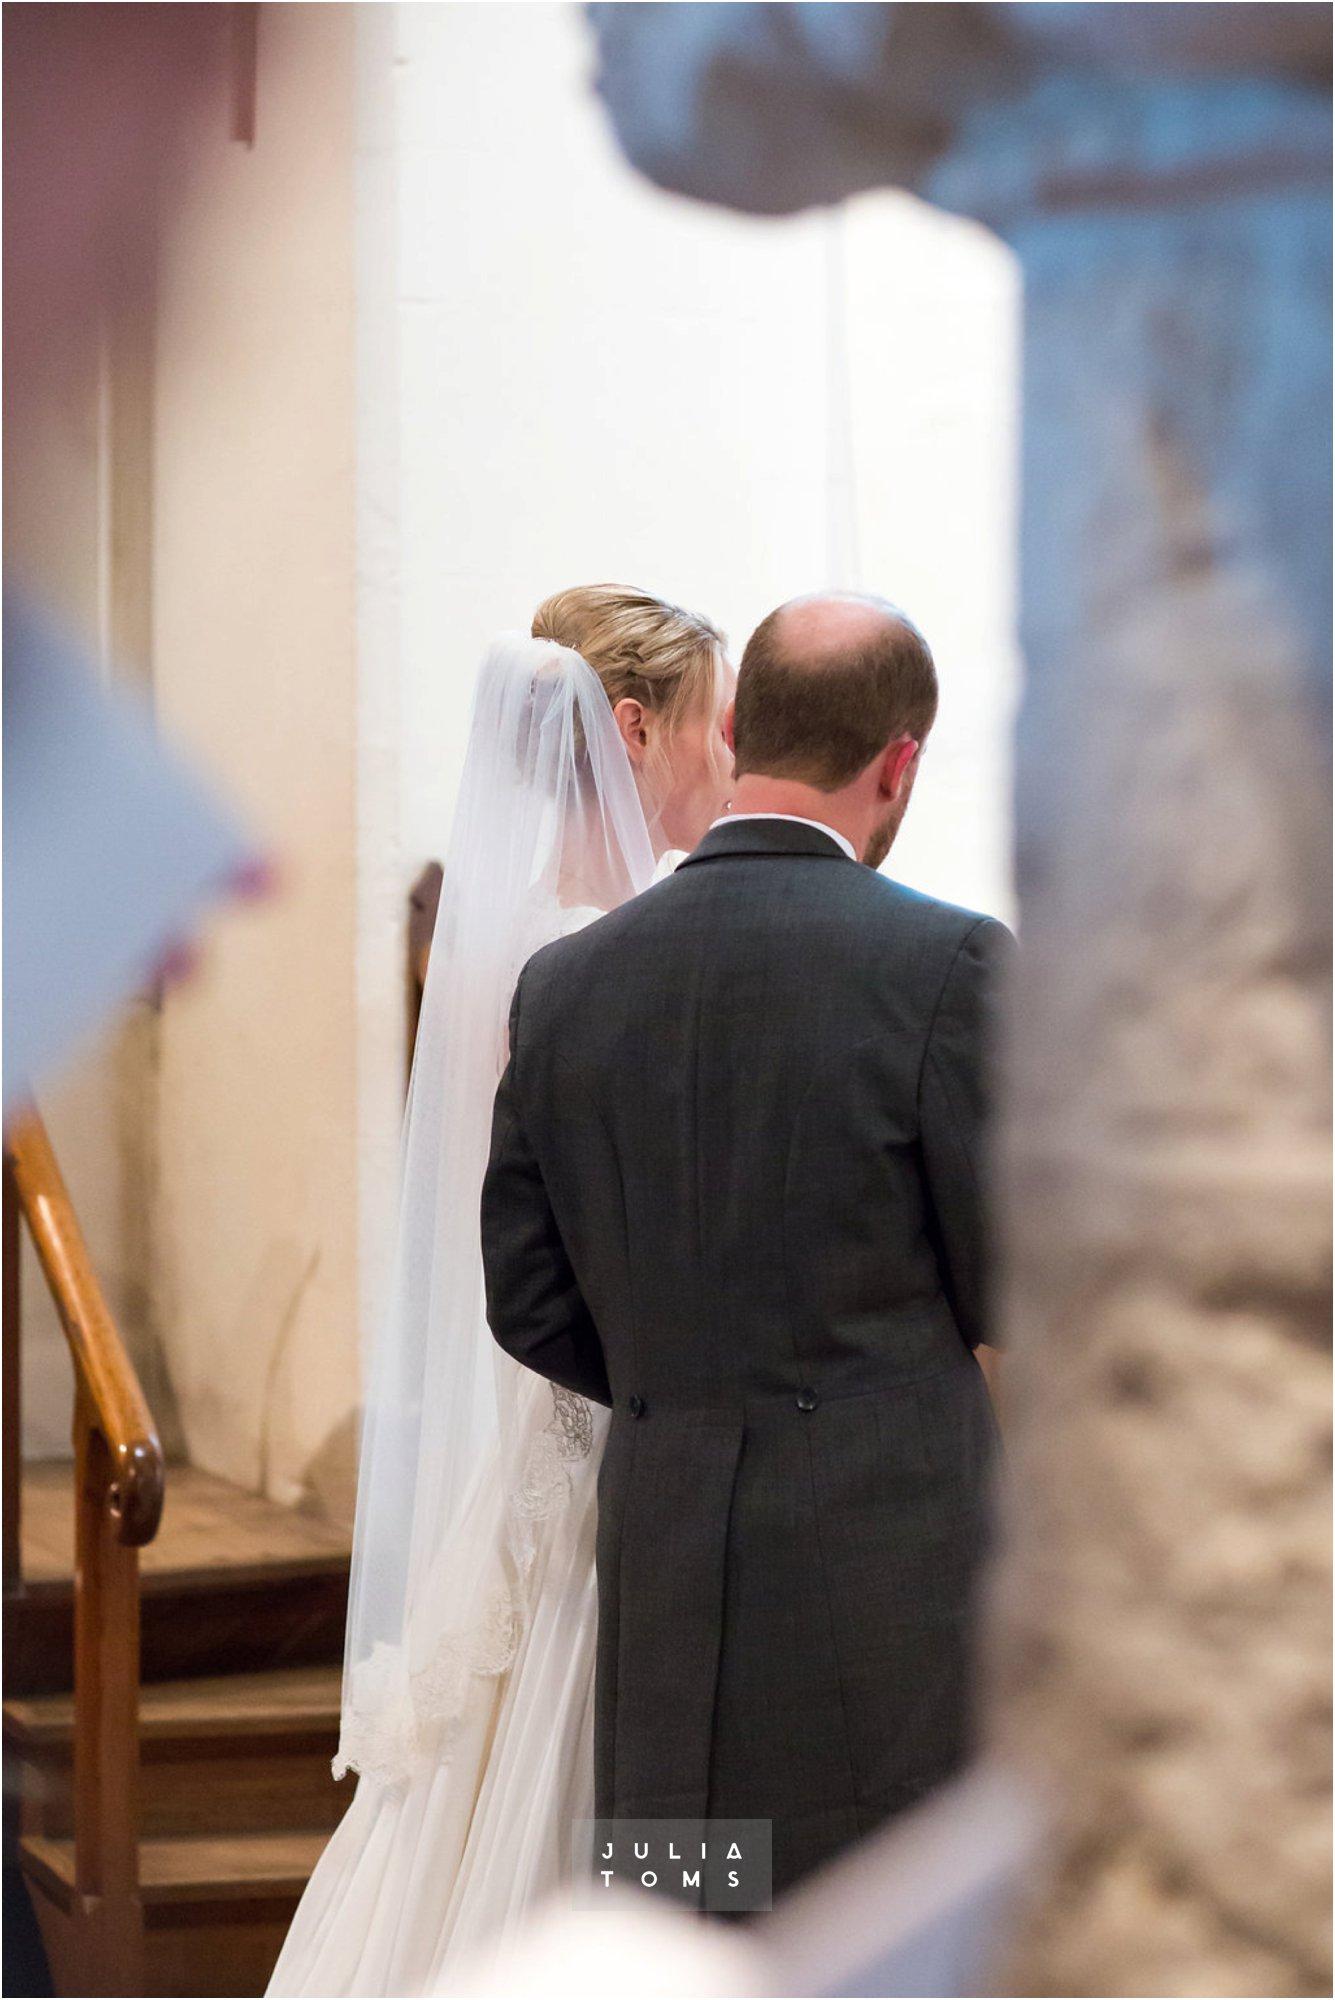 itchenor_wedding_chichester_photographer_029.jpg